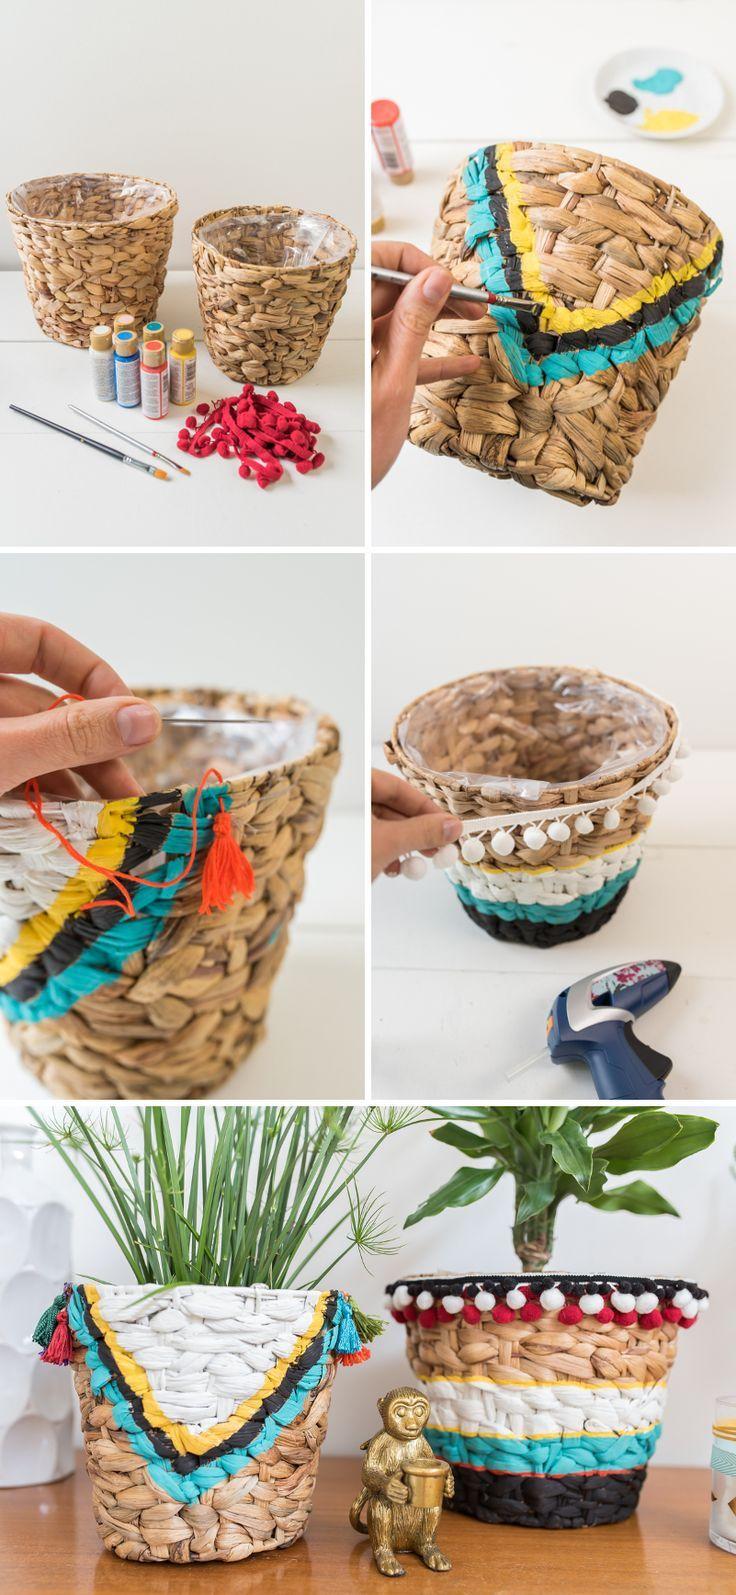 DIY Anleitung für bemalte Blumentöpfe aus Seegras im Boho Ibiza Sommer Look mit Bommelborte und Quasten für das Wohnzimmer im sommerlichen Beach Style // leelahloves.de